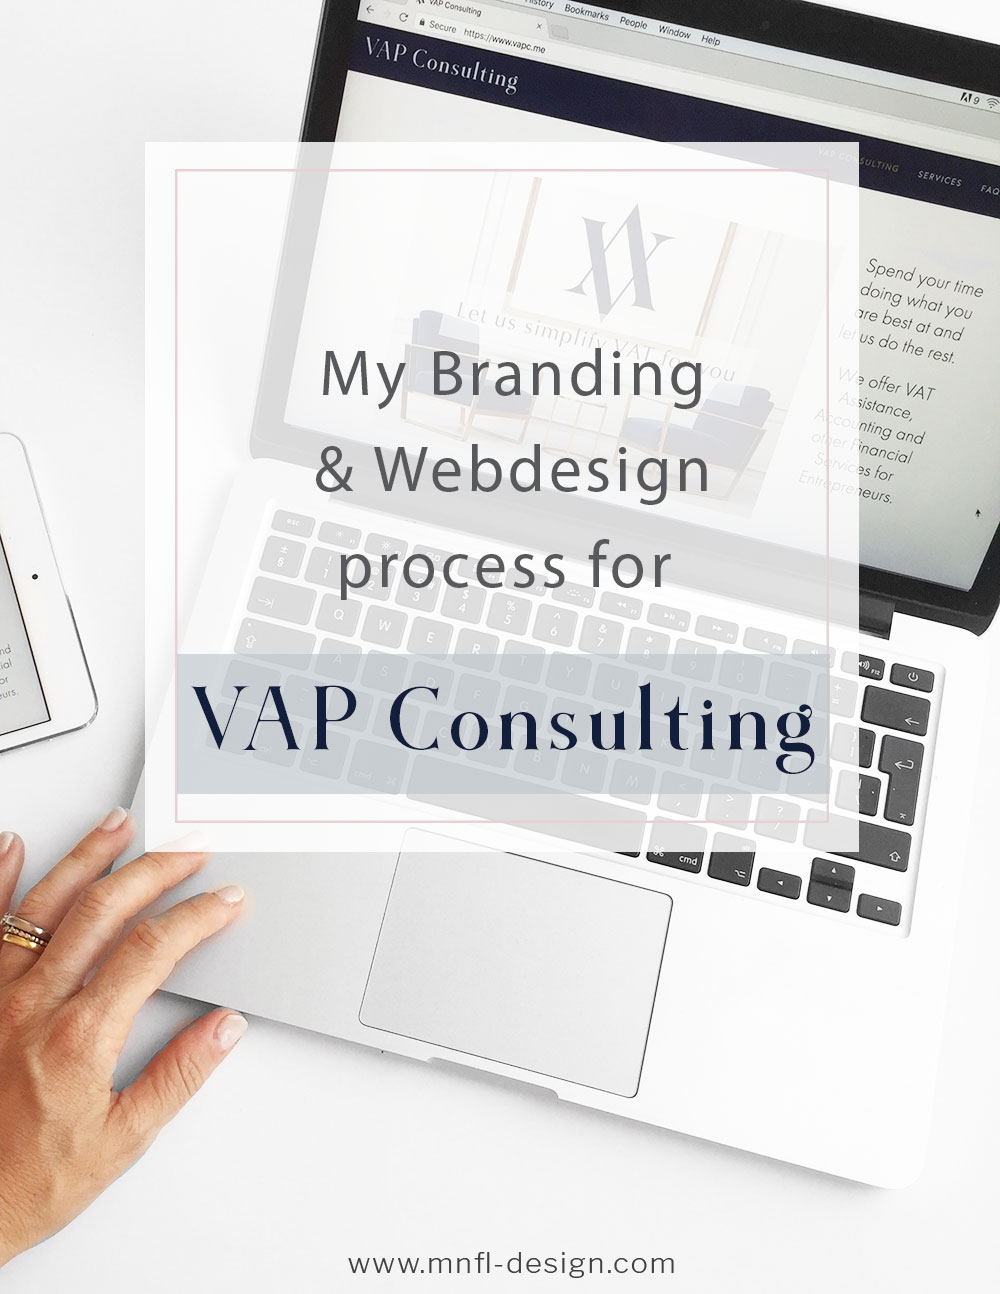 Branding and Webdesign | MNFL-Design